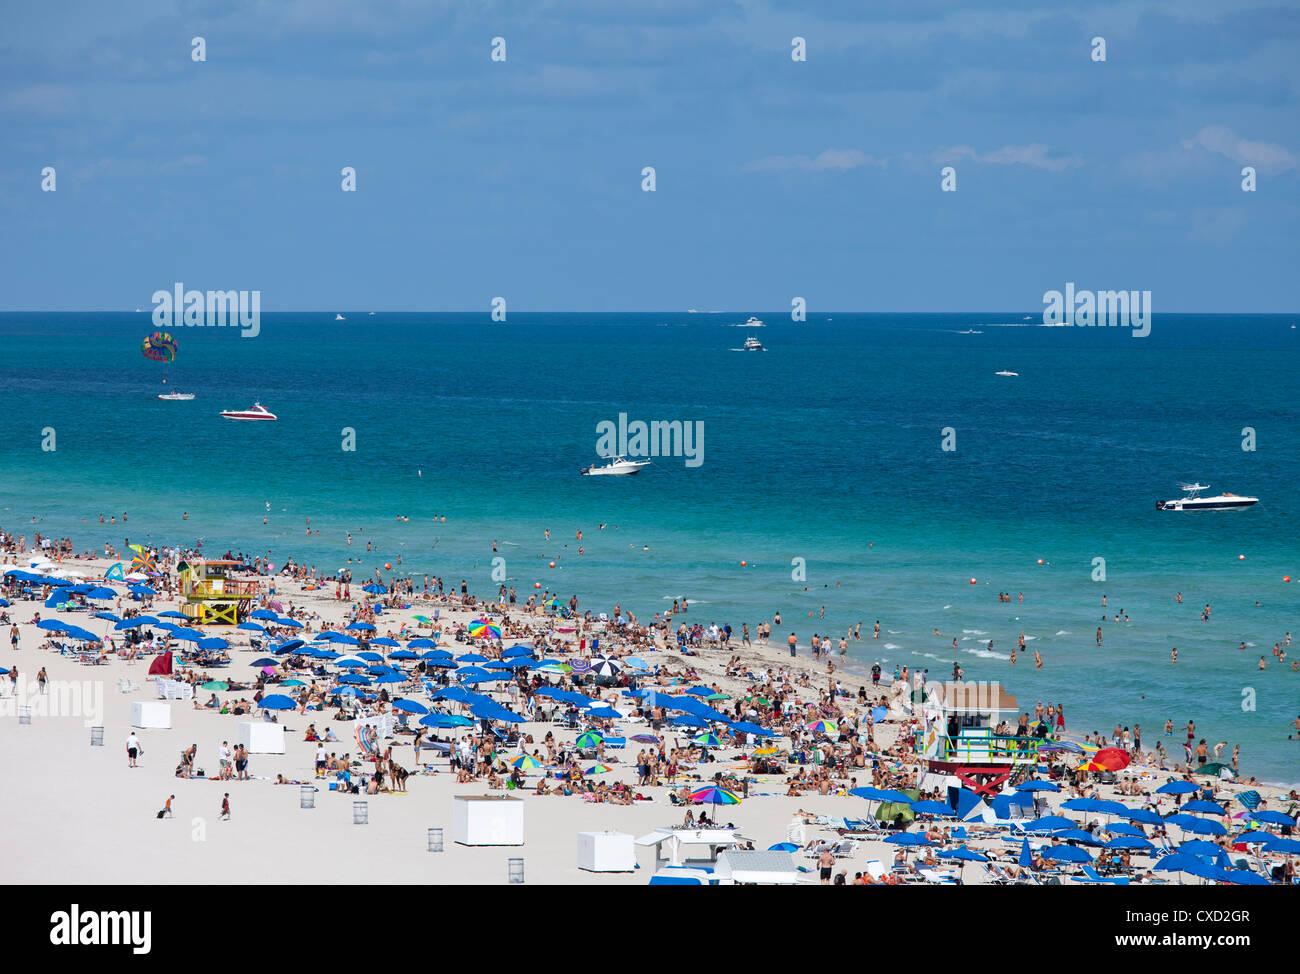 Plage bondée, South Beach, Miami Beach, Floride, États-Unis d'Amérique, Amérique du Nord Photo Stock